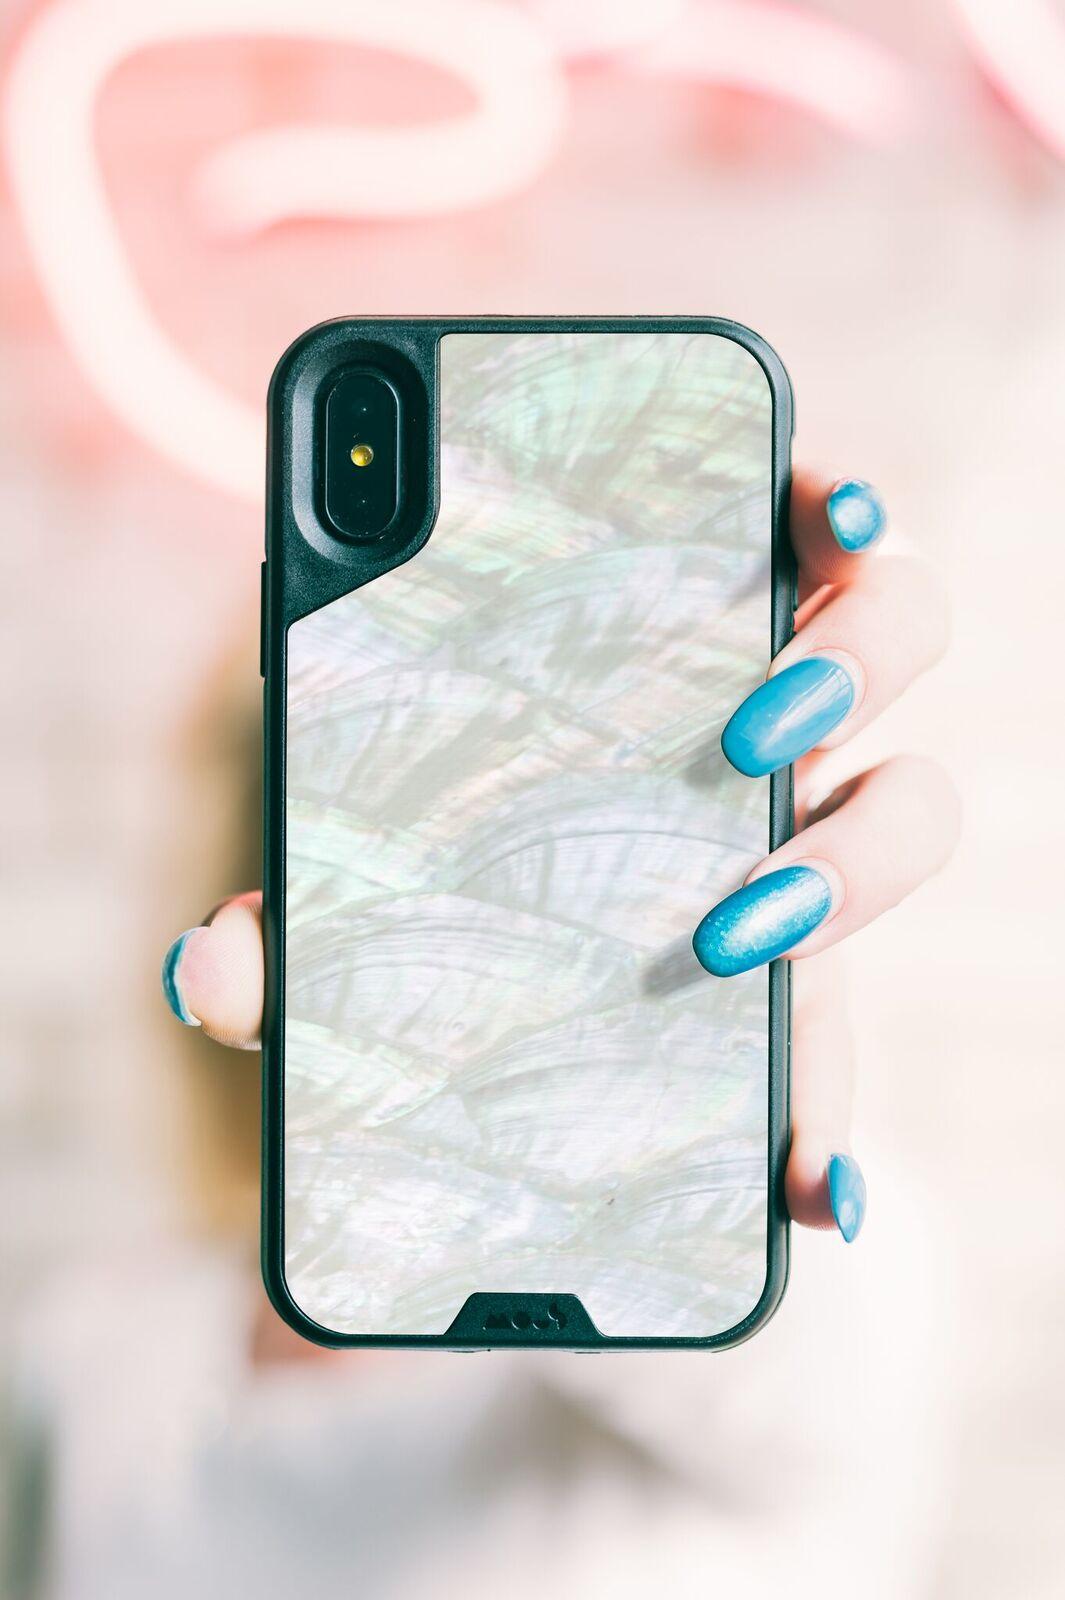 best website 87432 f5d09 Mous Shell iPhone X/Xs Case - Mous iPhone Cases - Mous Accessories ...